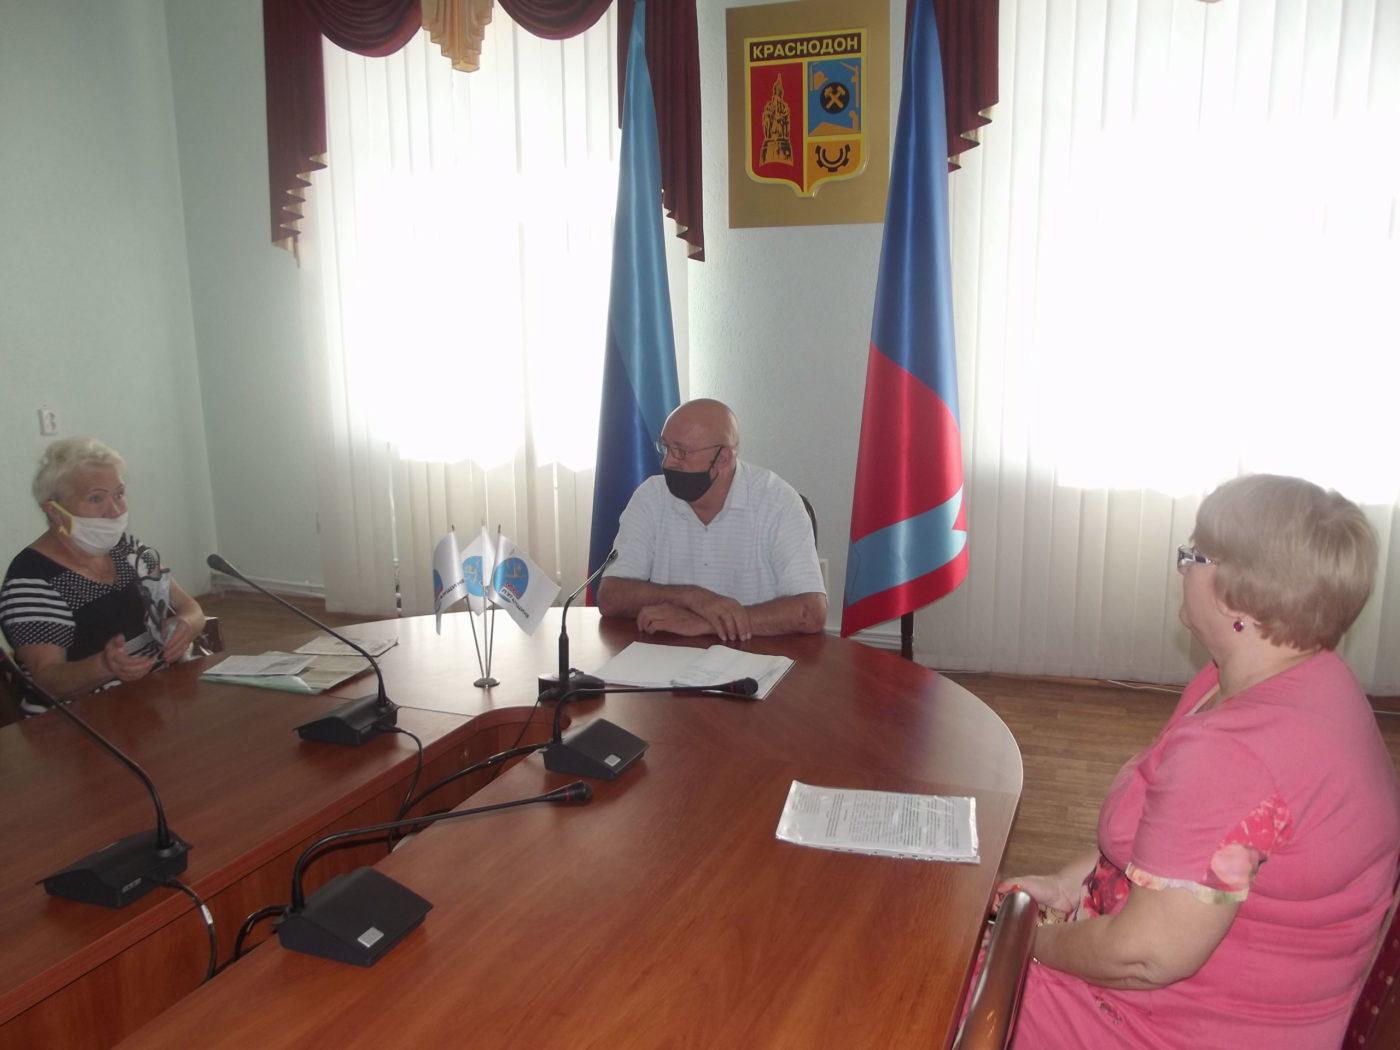 Врио главы Администрации города Краснодона и Краснодонского района провёл приём граждан